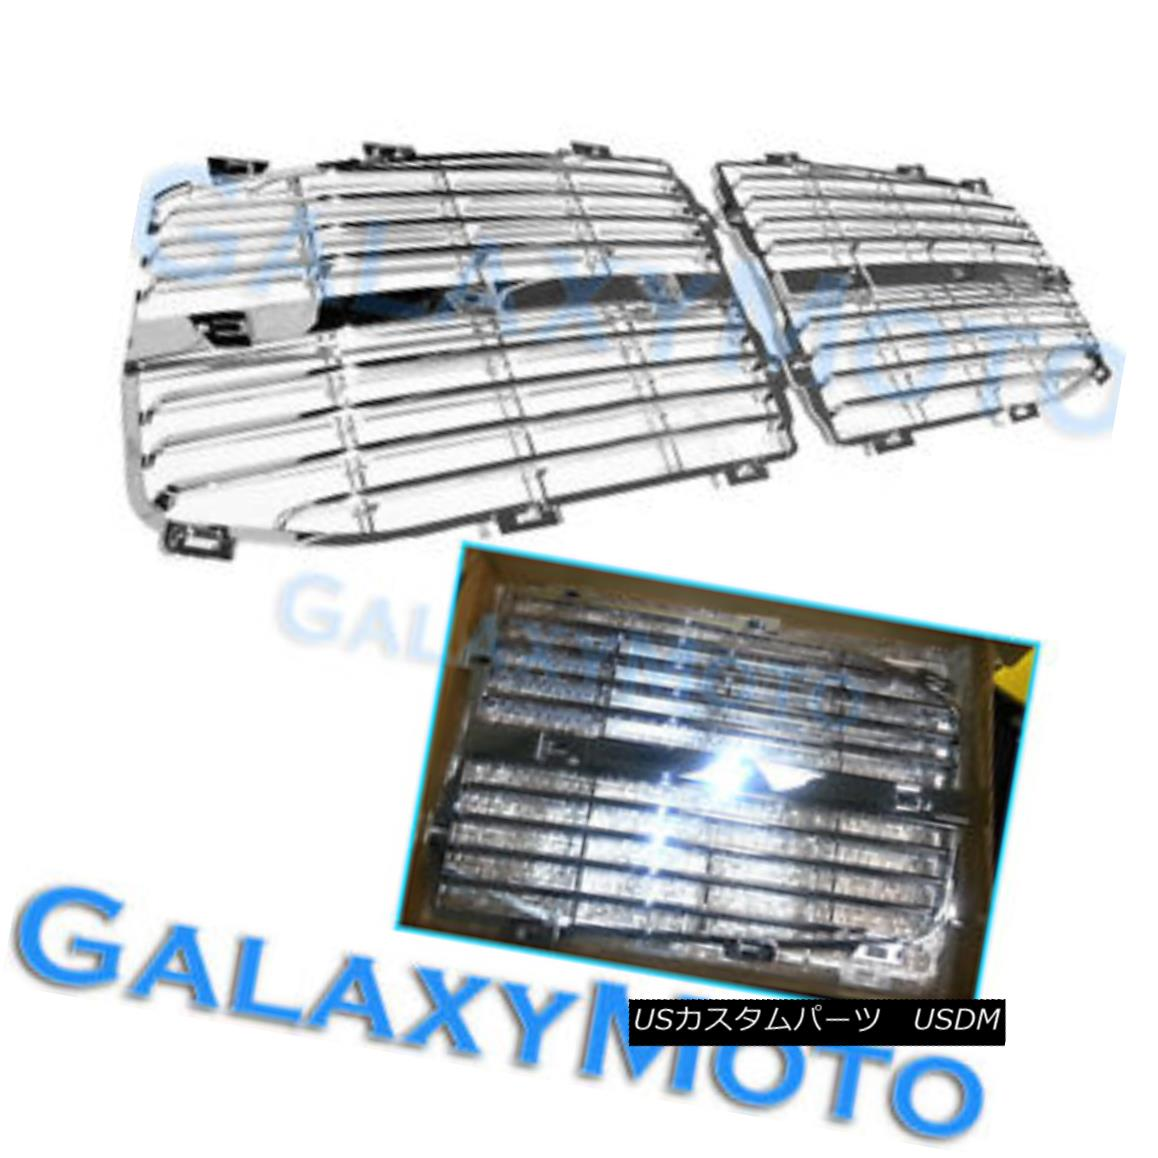 グリル 06-08 Dodge RAM 1500+2500+3500 Chrome Grille Replace Grill Trim Insert 1 Set kit 06-08ドッジRAM 1500 + 2500 + 3500クロームグリル交換グリルトリムインサート1セットキット